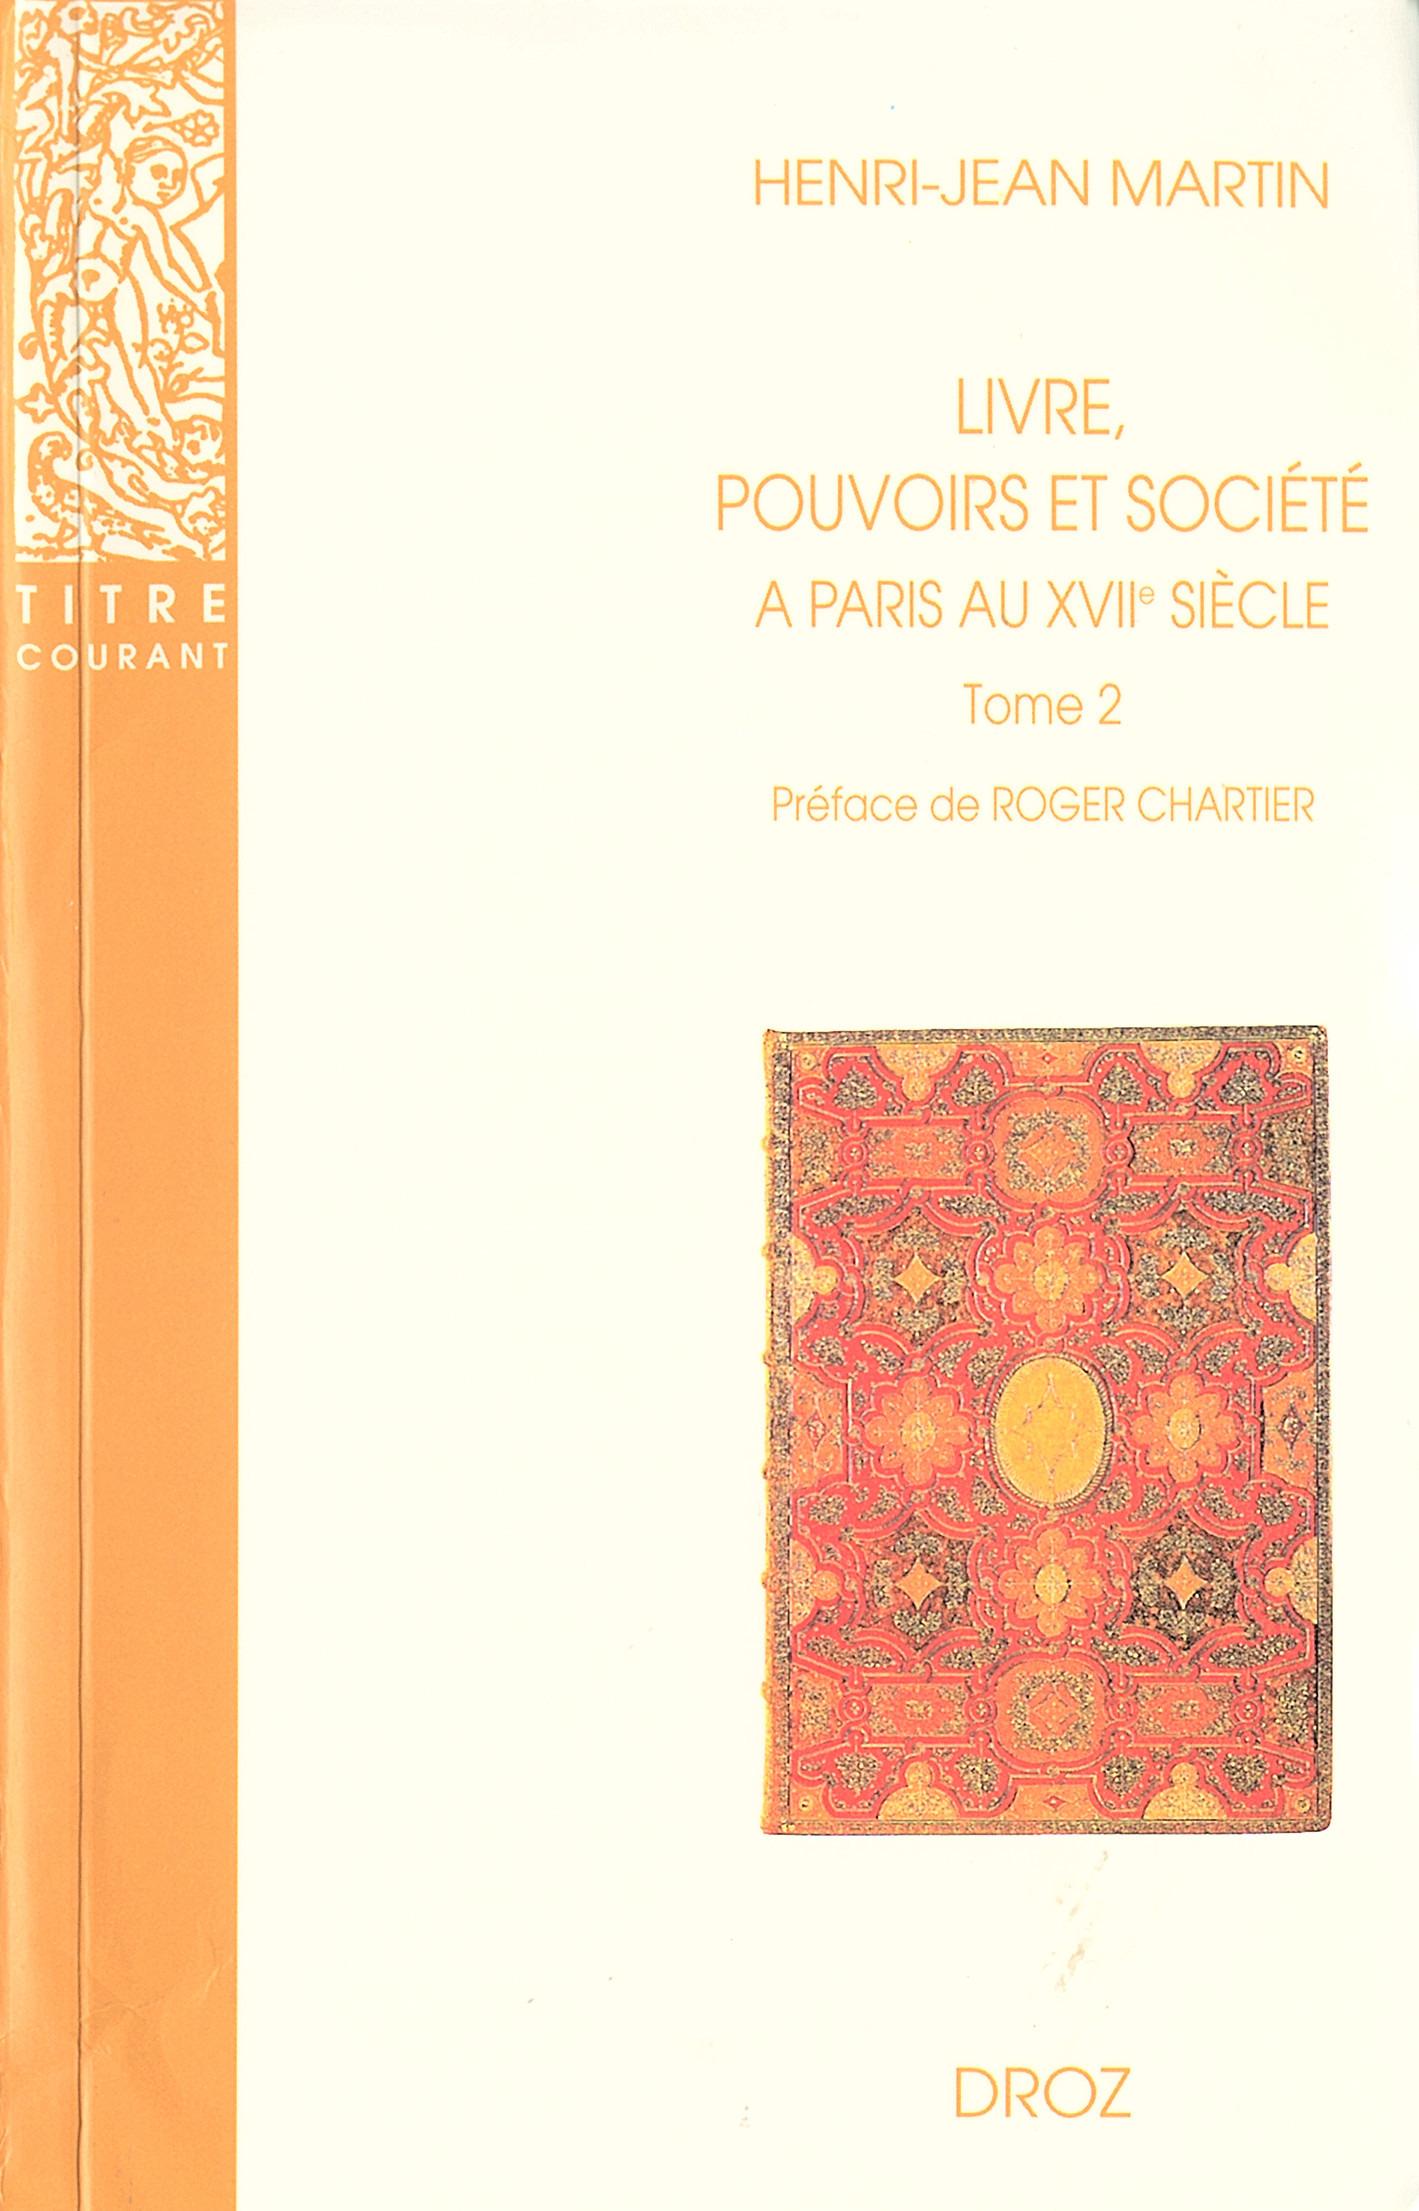 Livre, pouvoirs et société à Paris au XVI siècle (1598-1701)